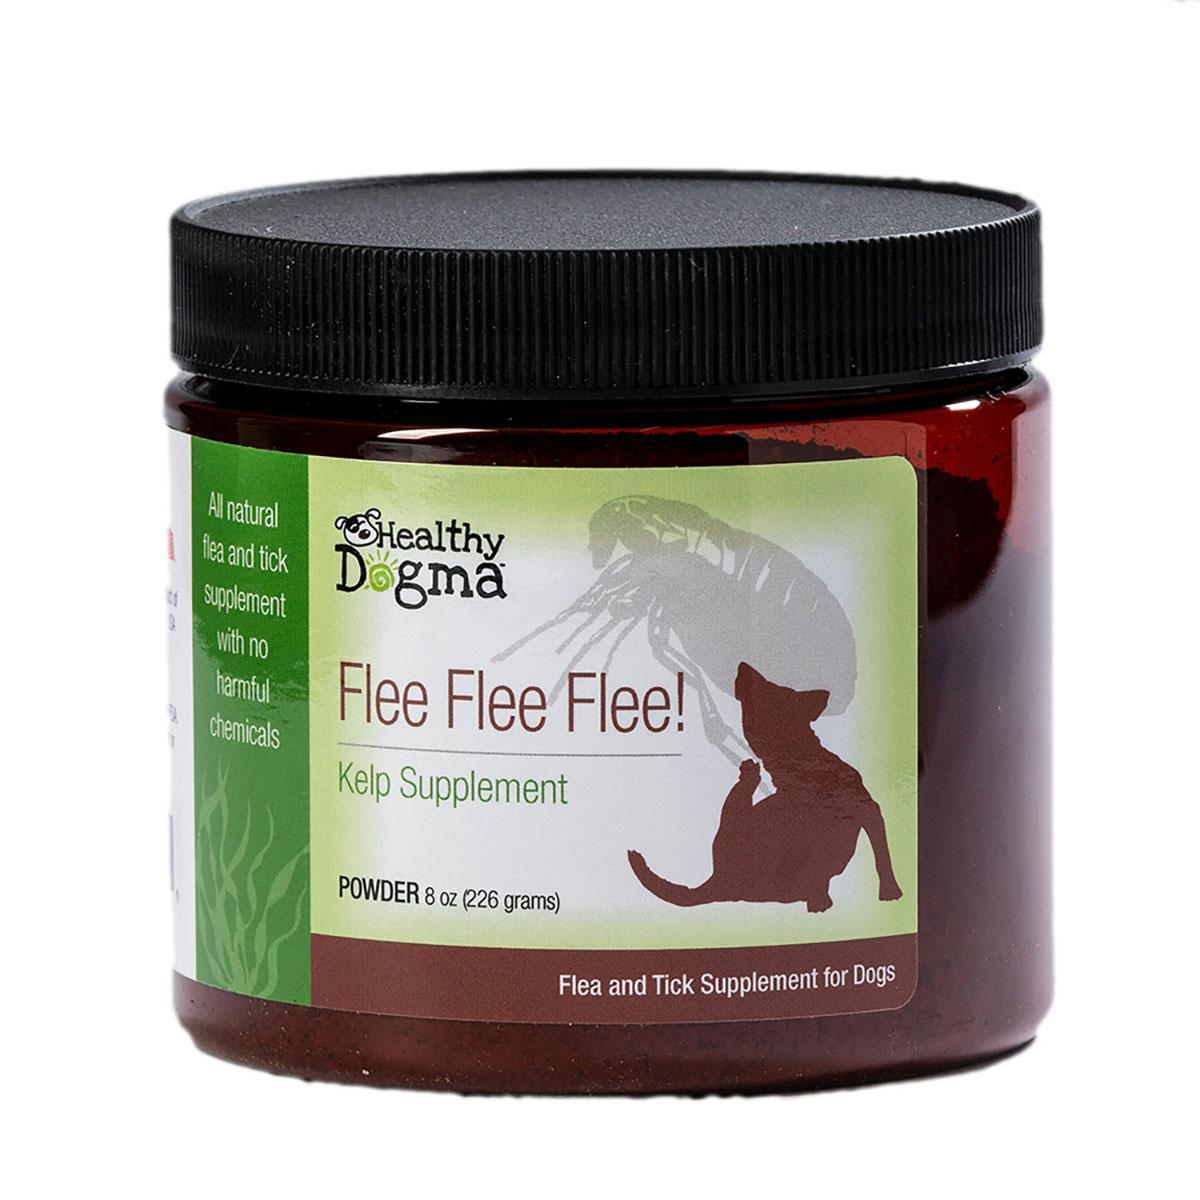 Healthy Dogma Flee Flea Flee Natural Yeast & Garlic Formula Dog Supplement